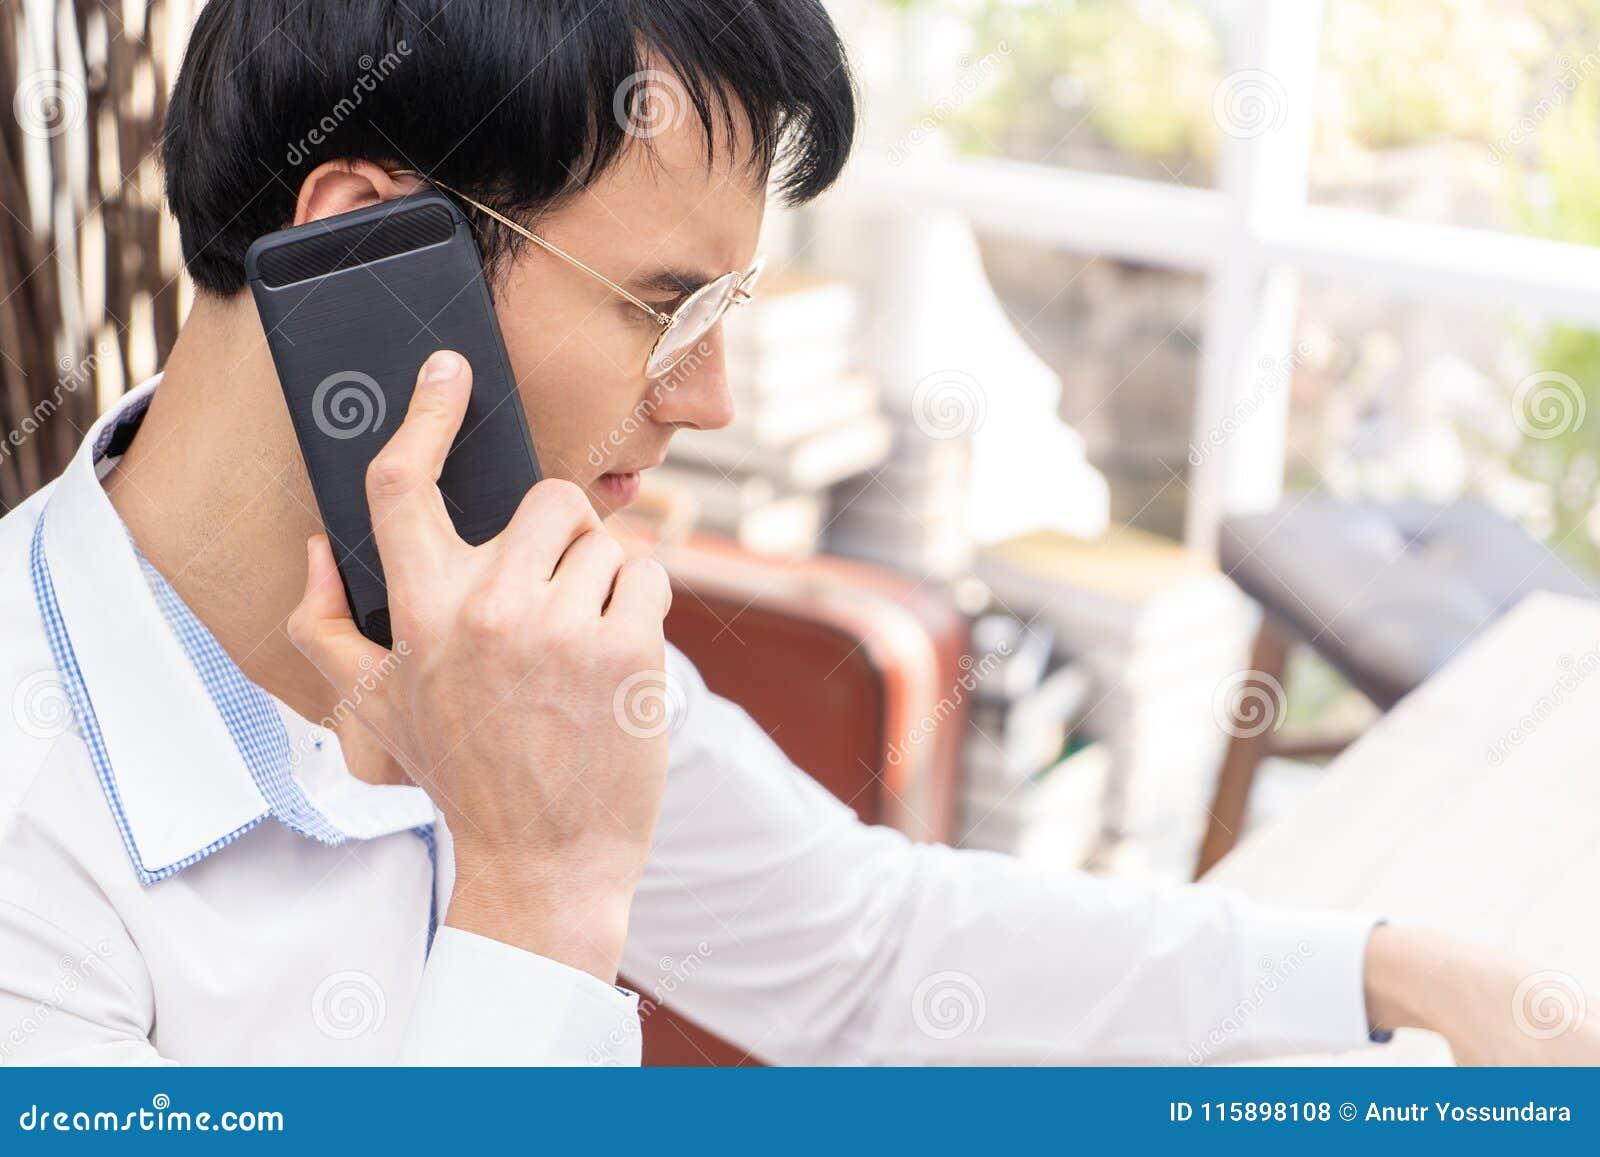 Το άτομο με τα γυαλιά που χρησιμοποιούν το μαύρο κινητό τηλέφωνο κλειστό επάνω πυροβόλησε, bri